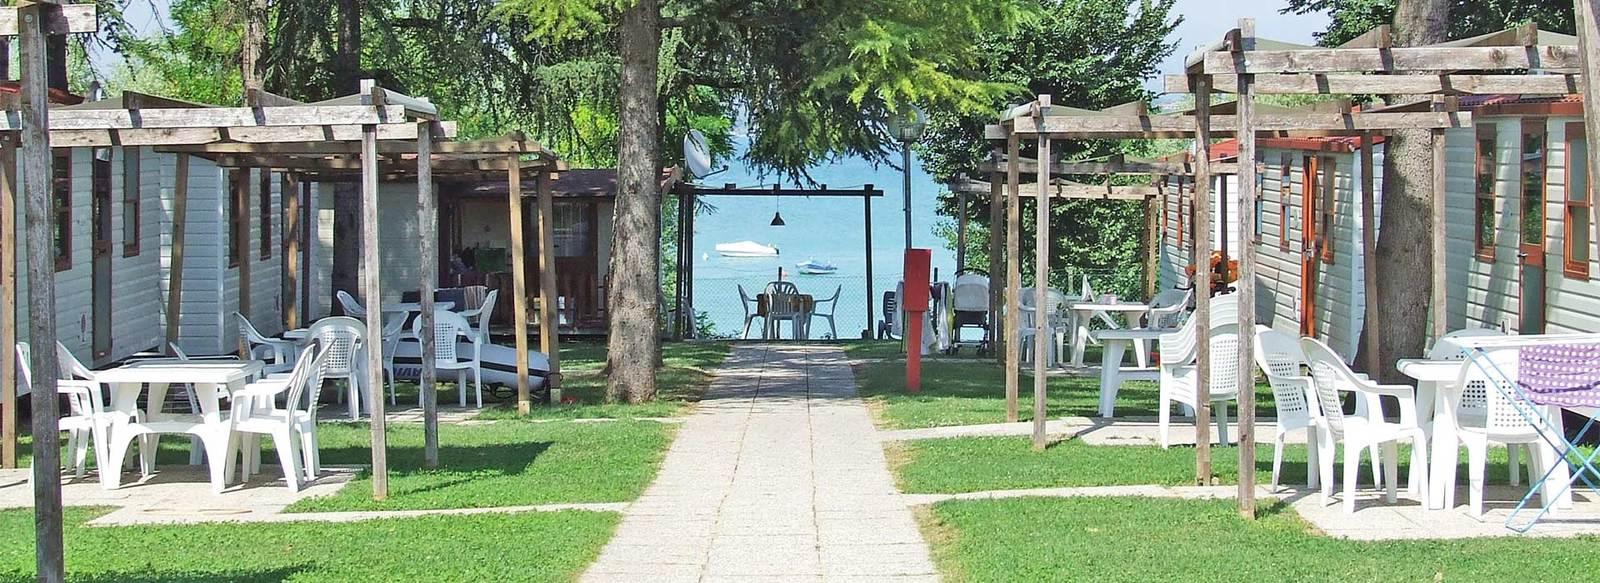 Soggiorno in riva al lago